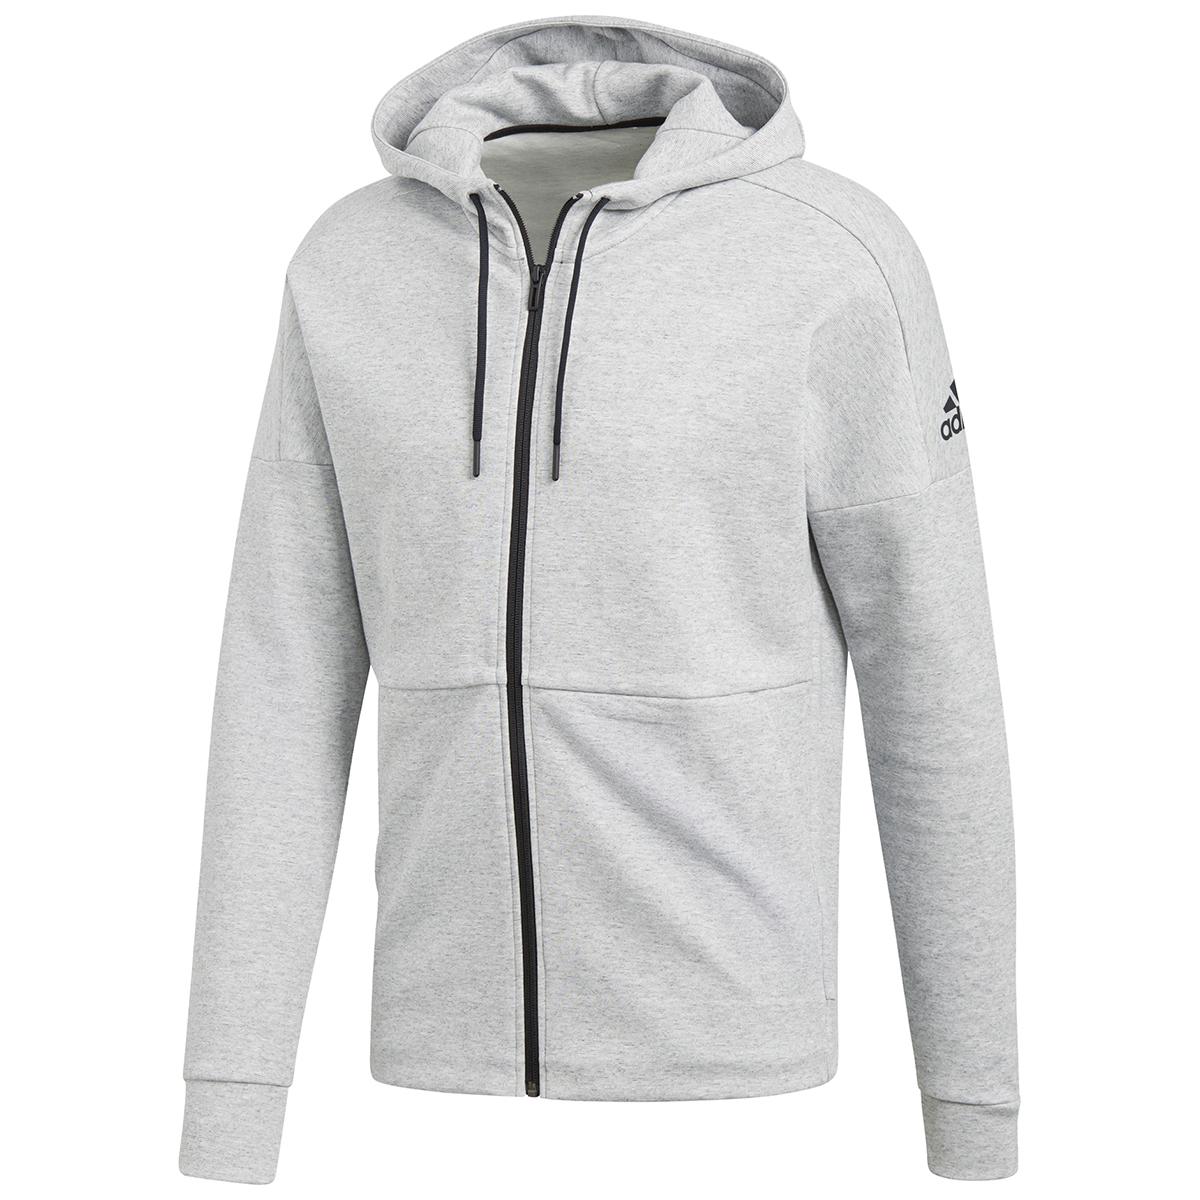 Adidas Men's Id Stadium Full-Zip Hoodie - Black, L